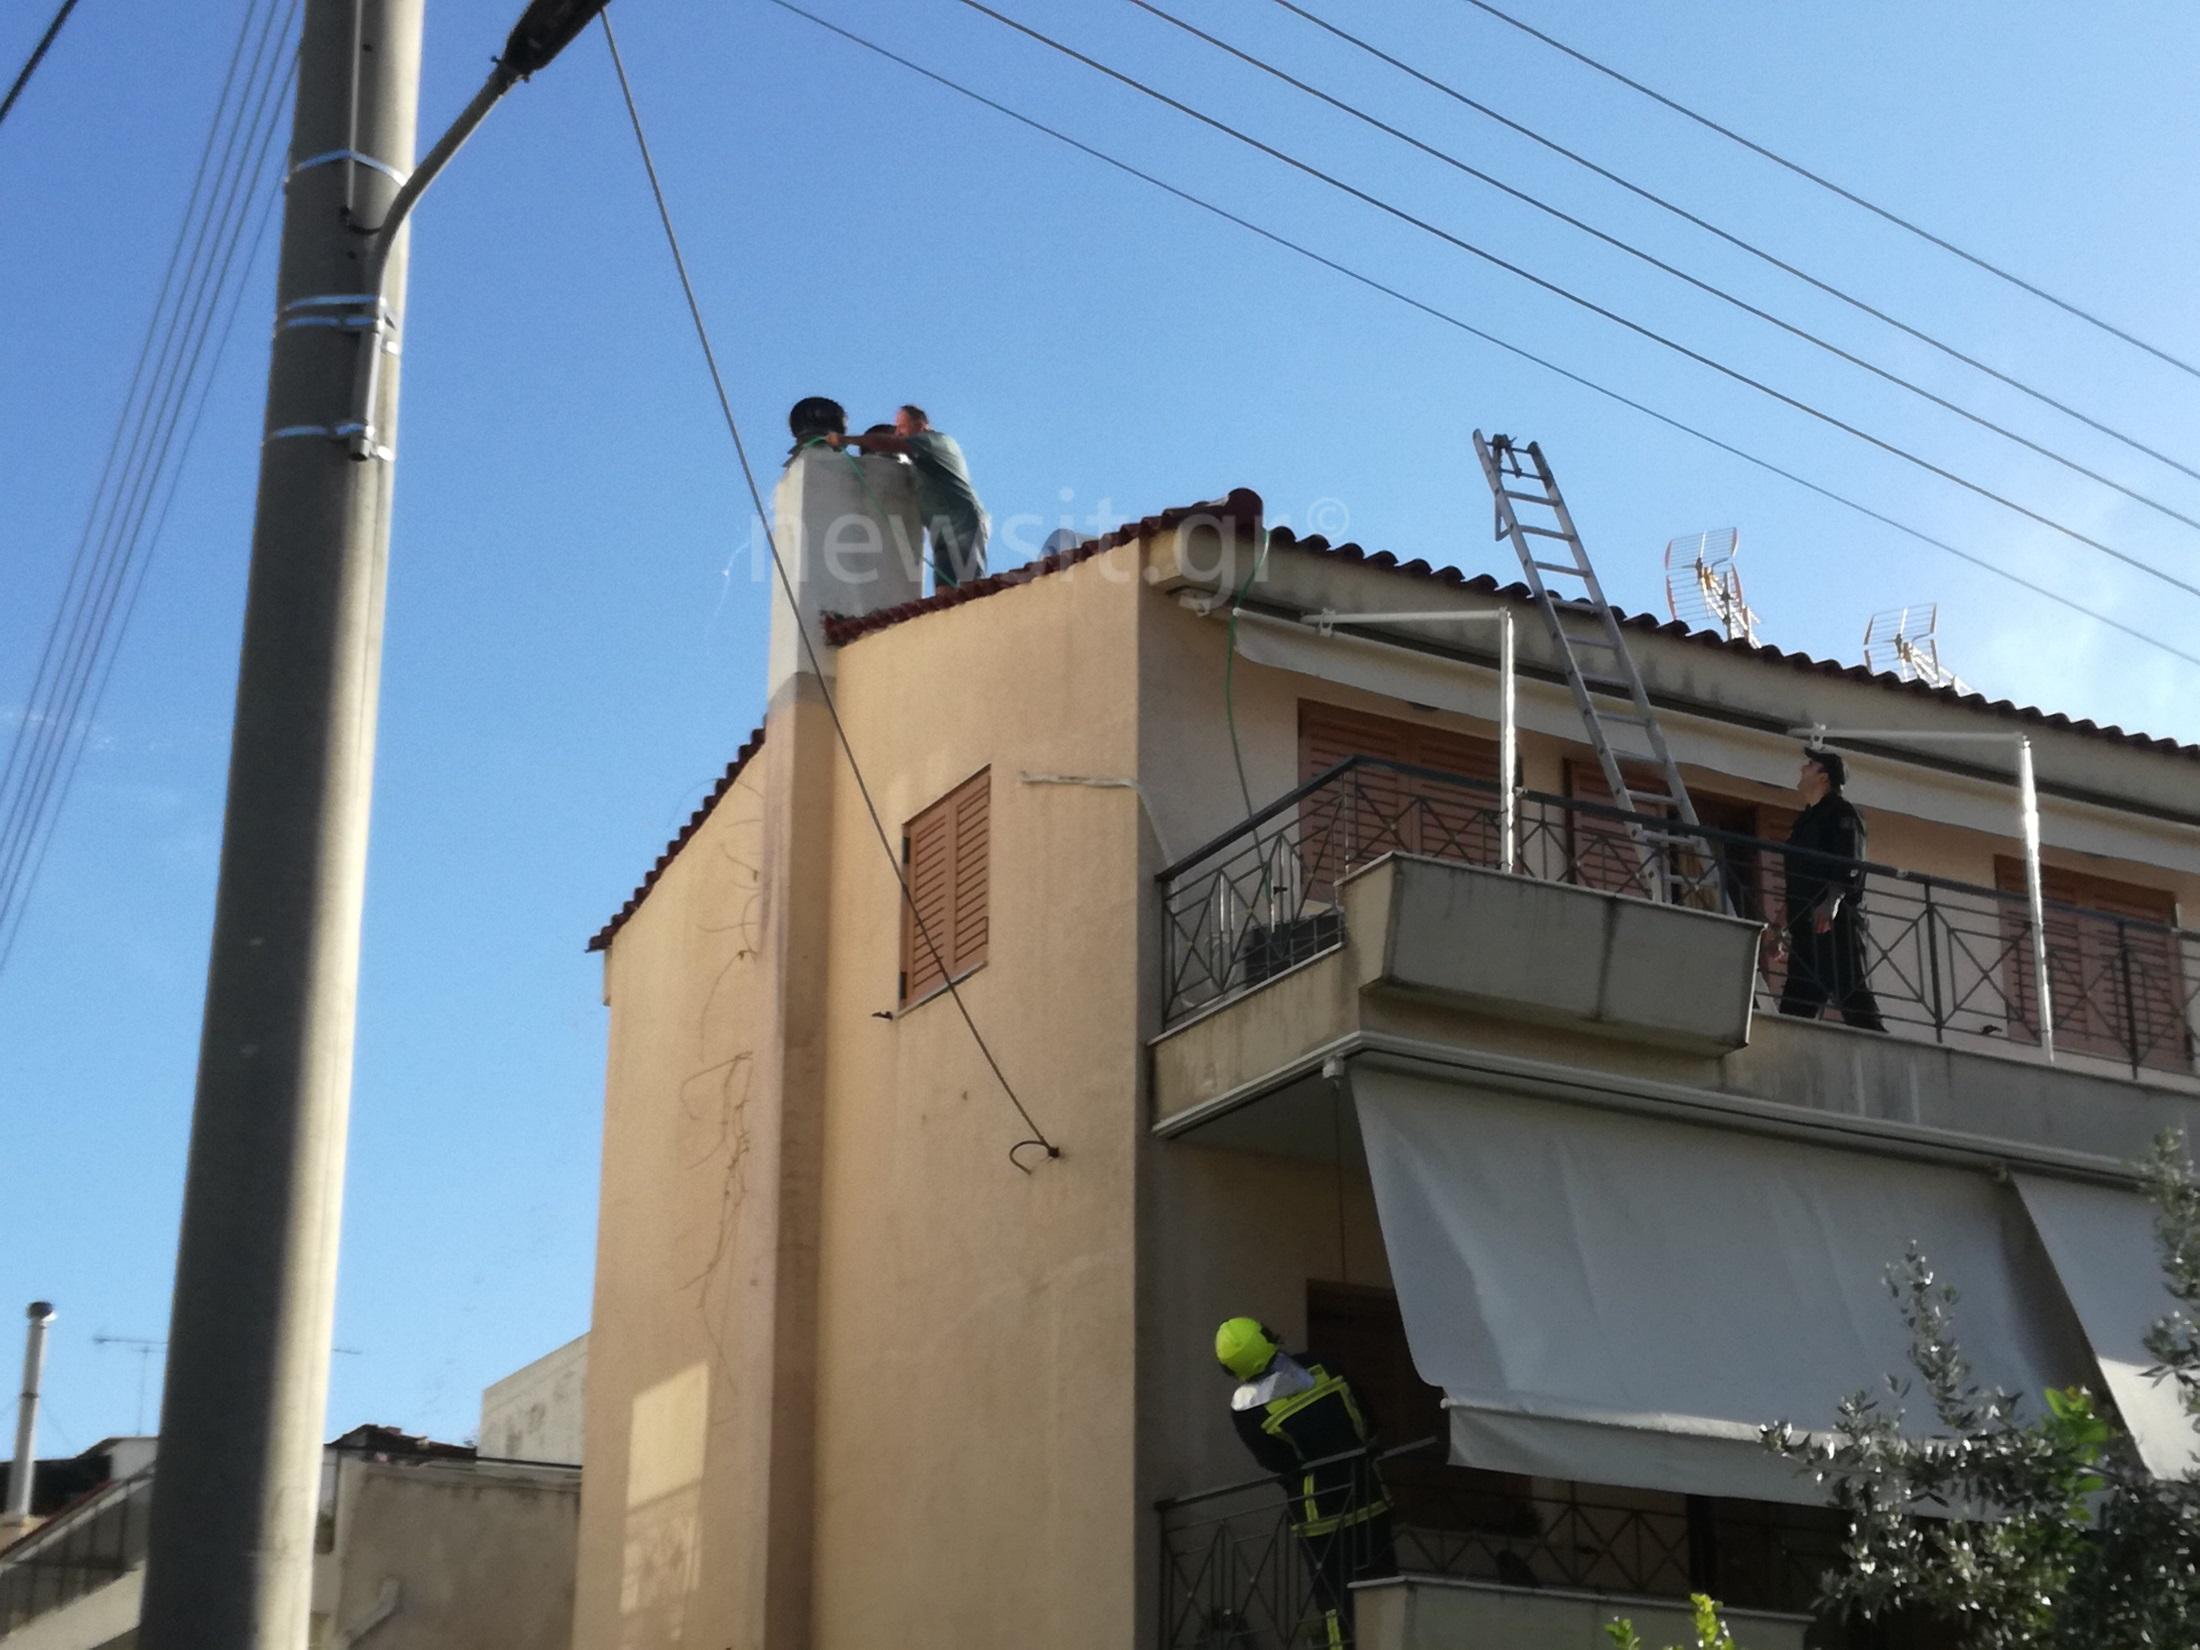 Συναγερμός για φωτιά σε σπίτι στην Γλυφάδα